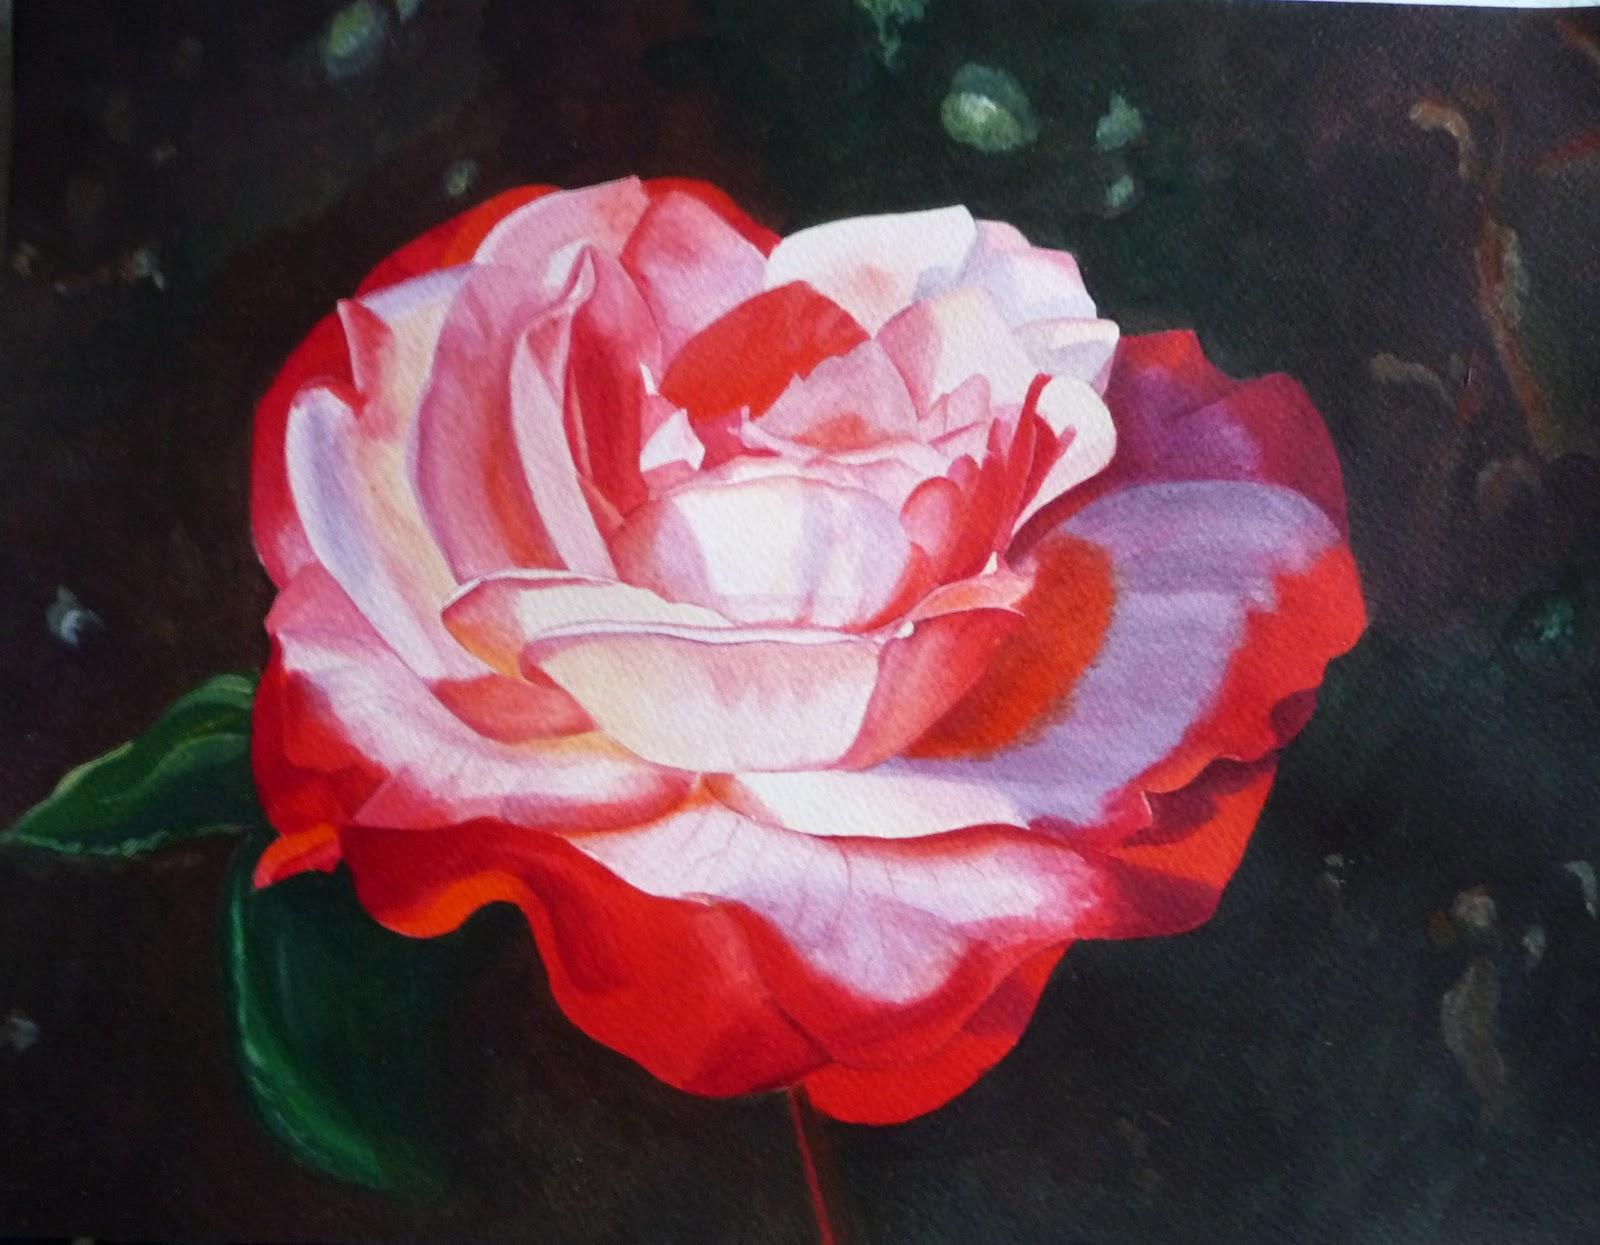 Schilderijen van orchideeën (en andere bloemen): december 2011